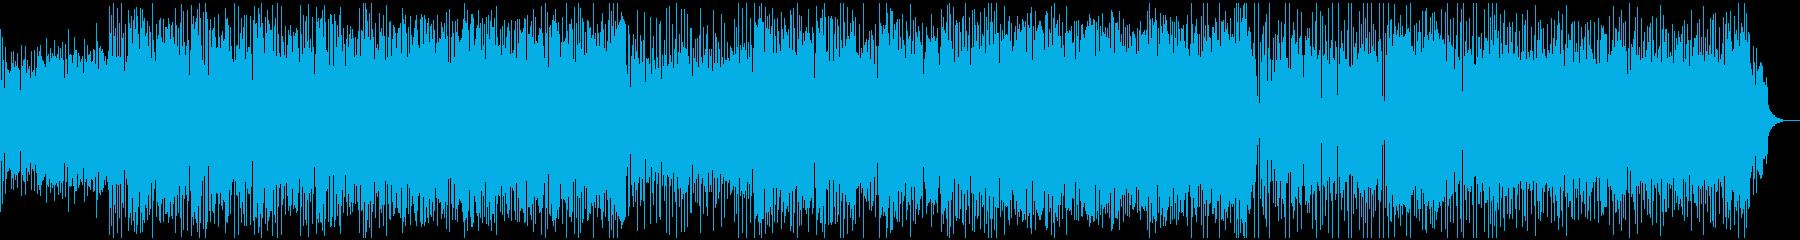 サックスとスラップが絡むファンクロックの再生済みの波形